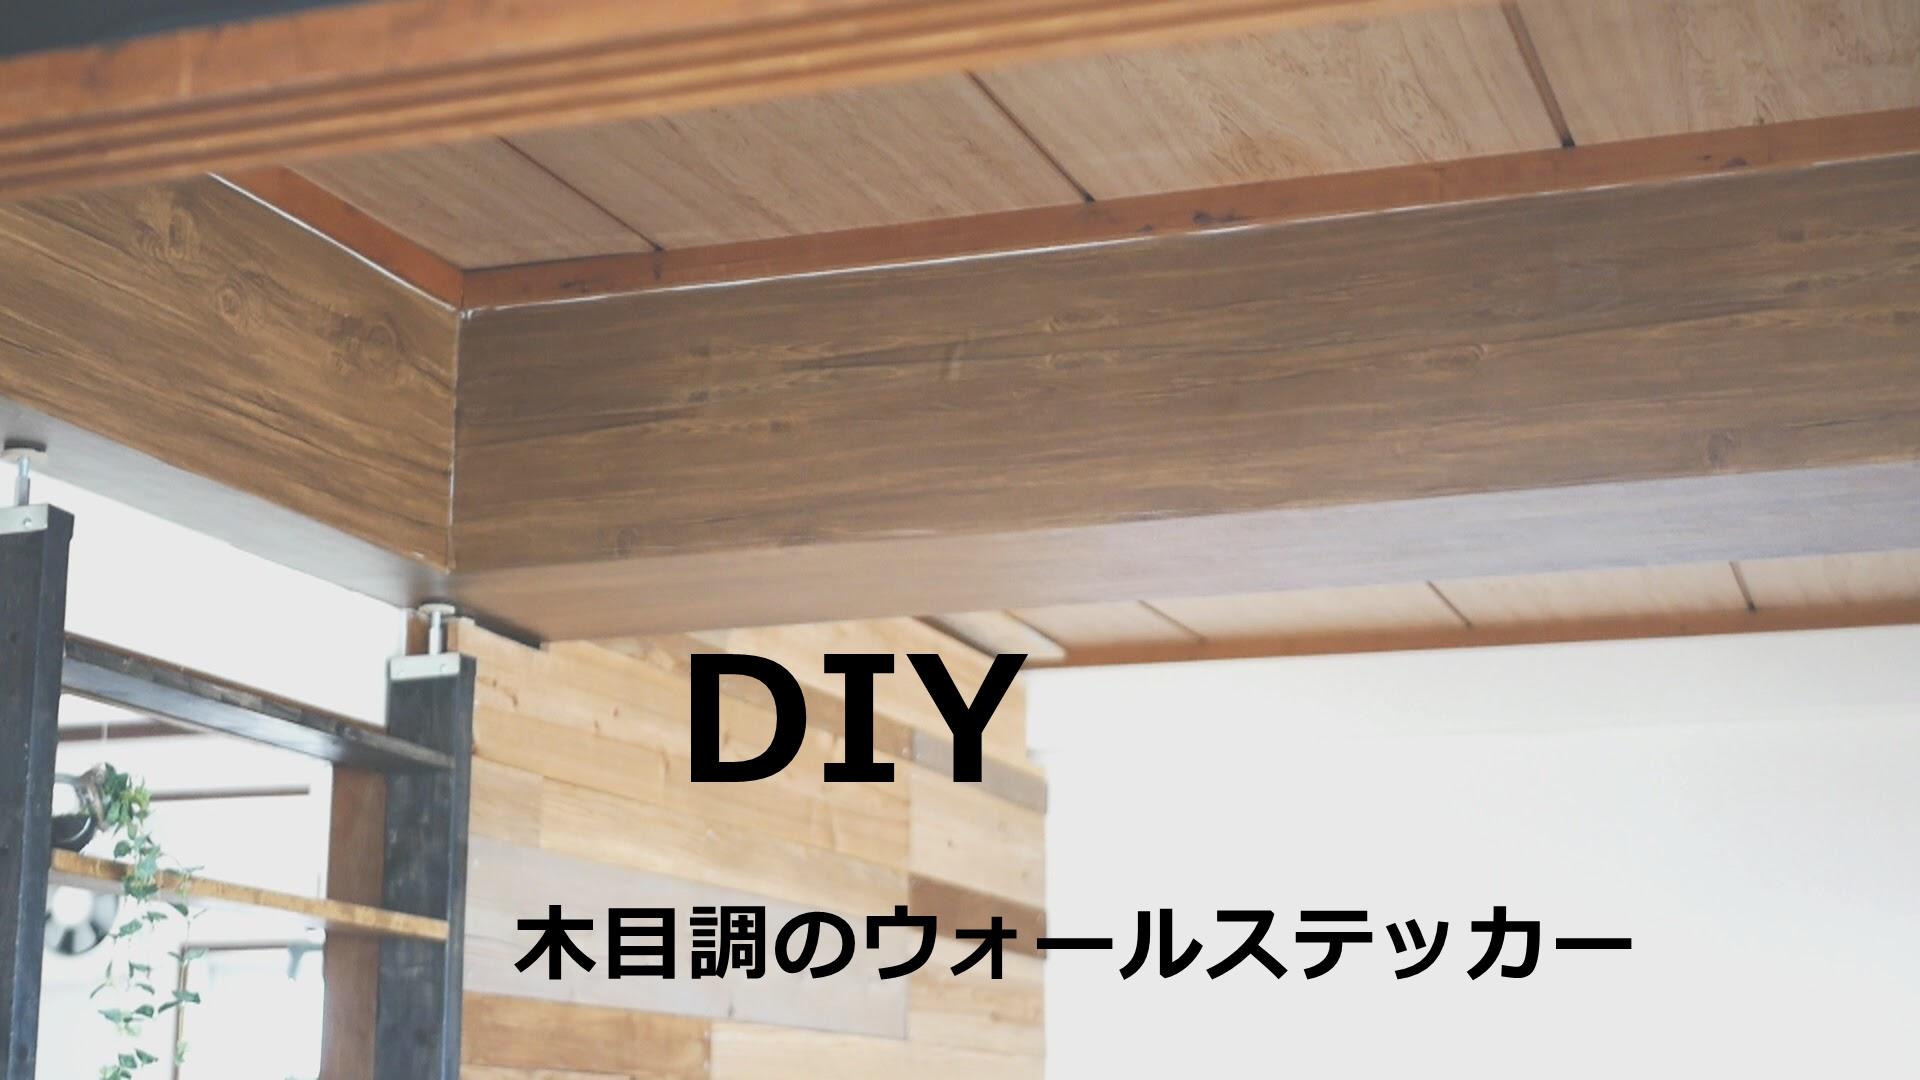 木目調のウォールステッカー はがせる壁紙シールで梁っぽくしてみた Diy Switch